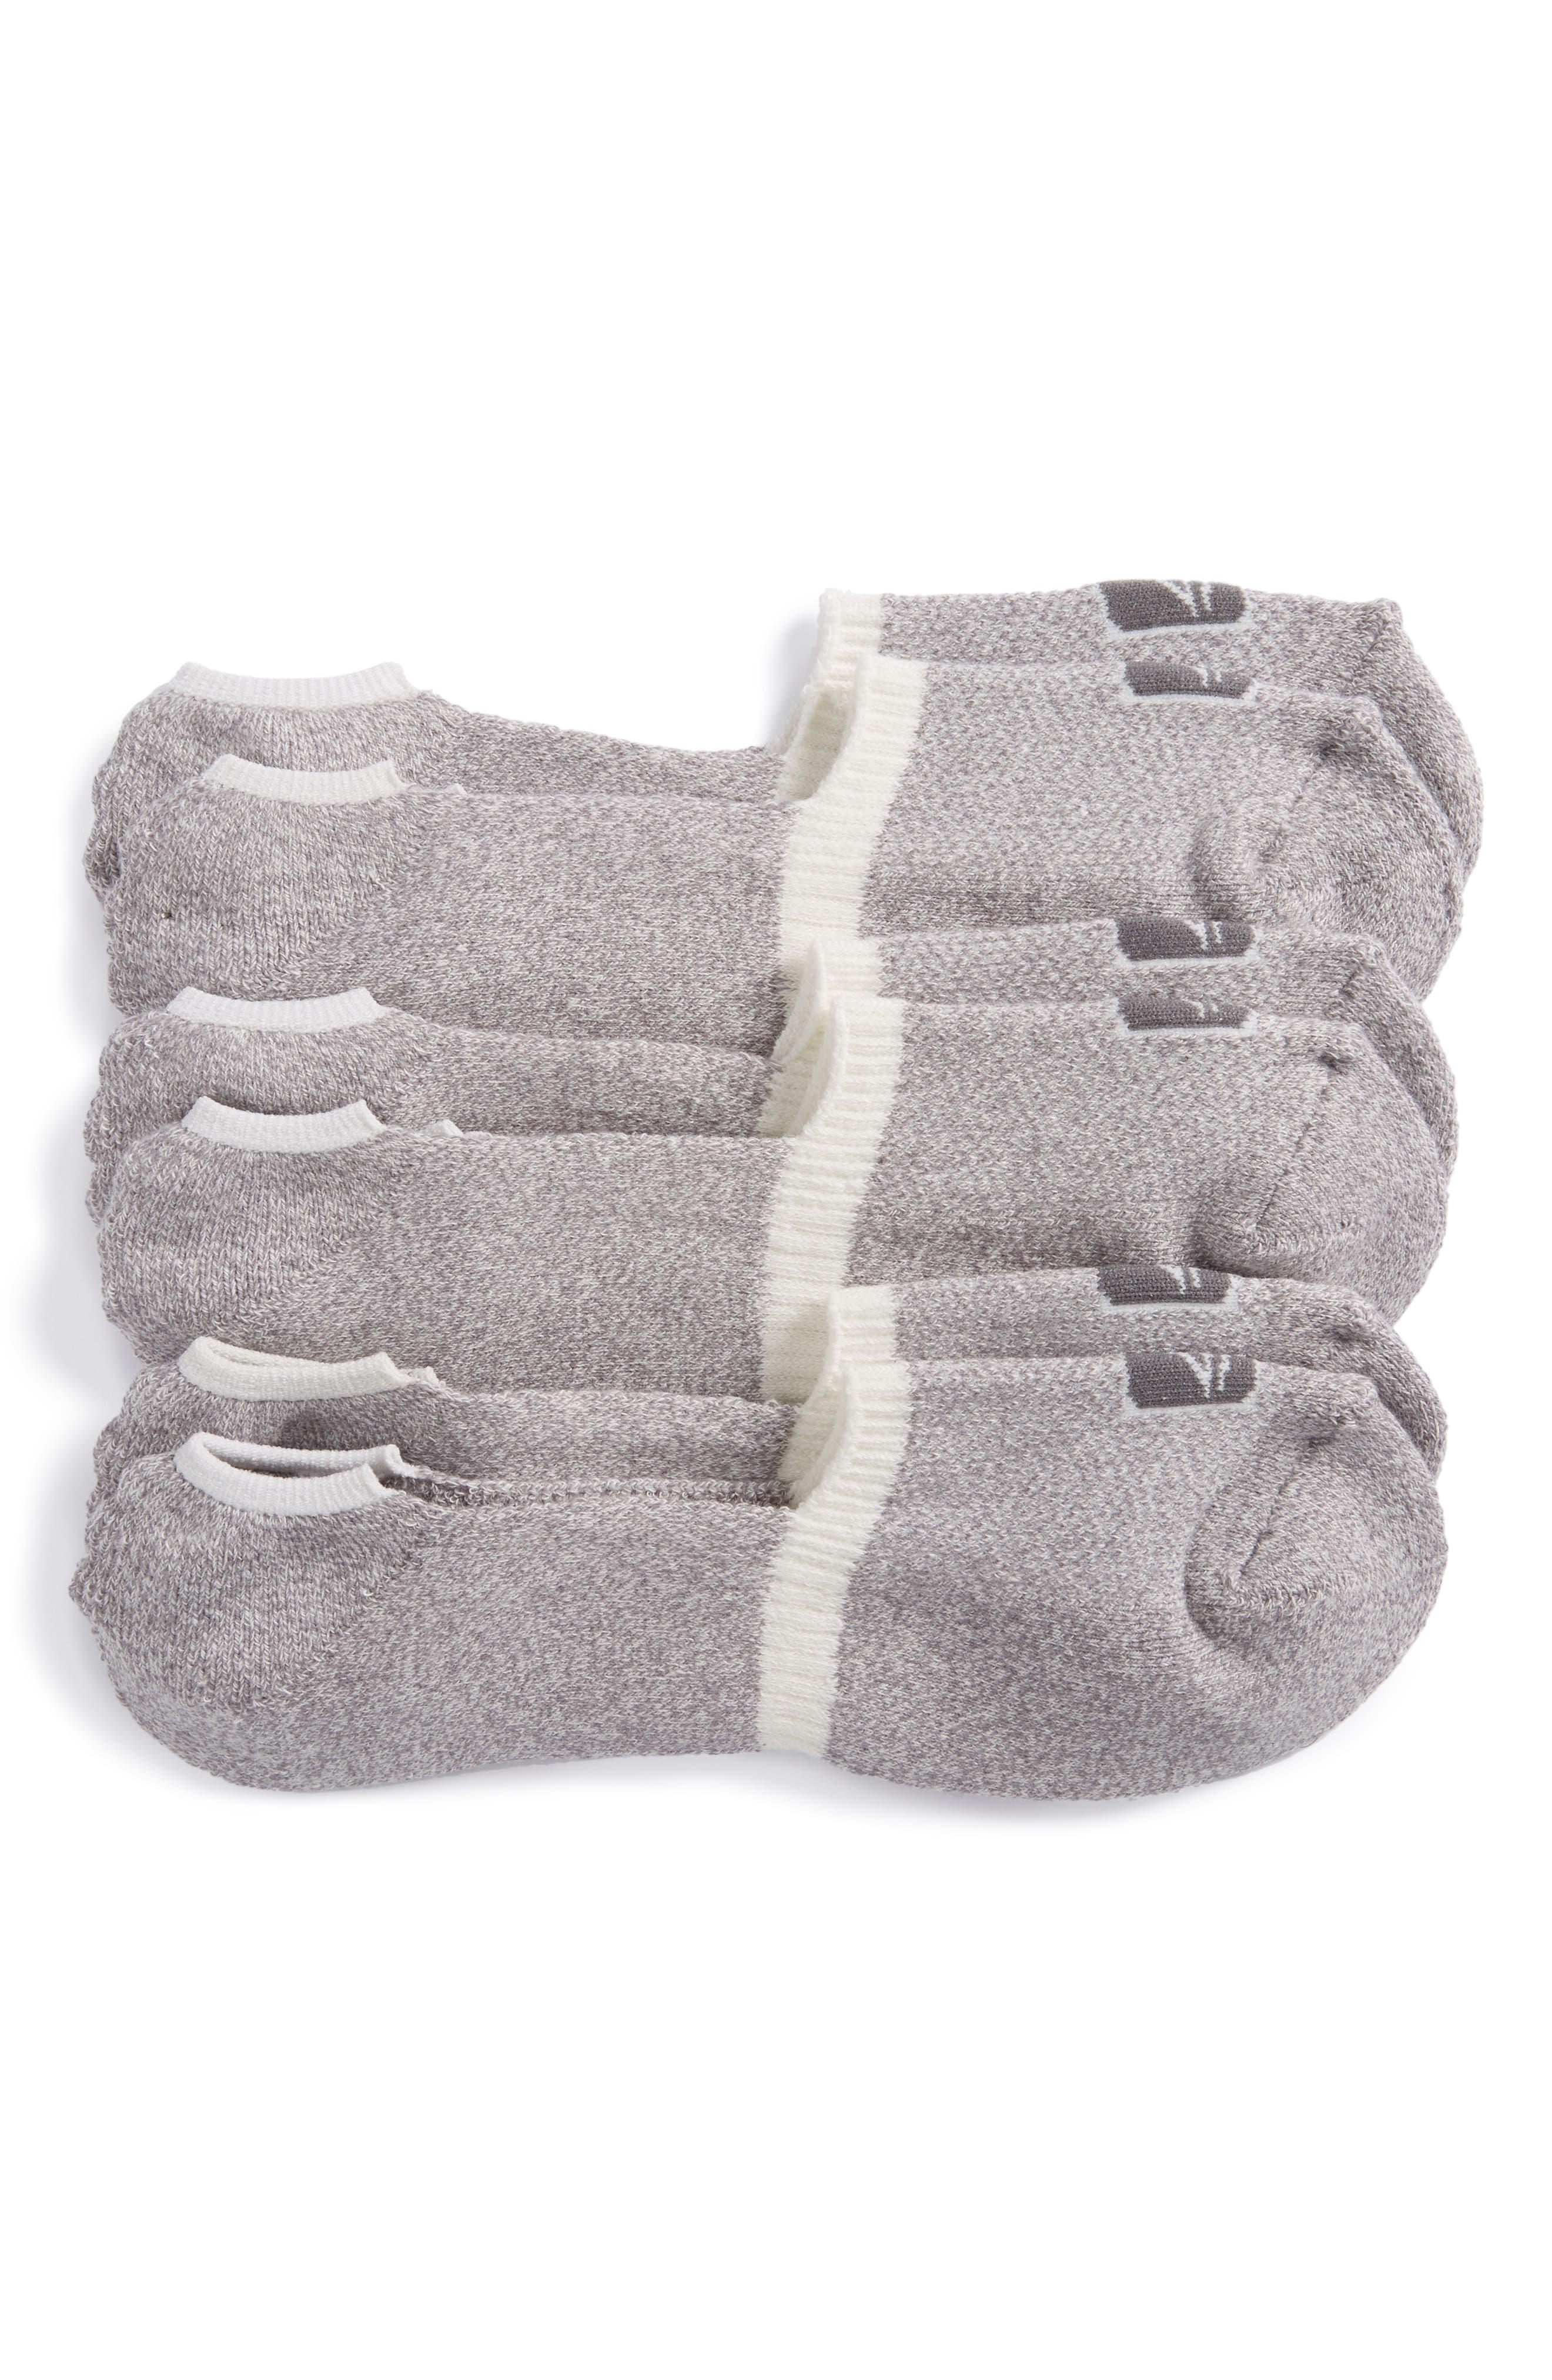 3-Pack No-Show Liner Socks,                             Main thumbnail 1, color,                             100